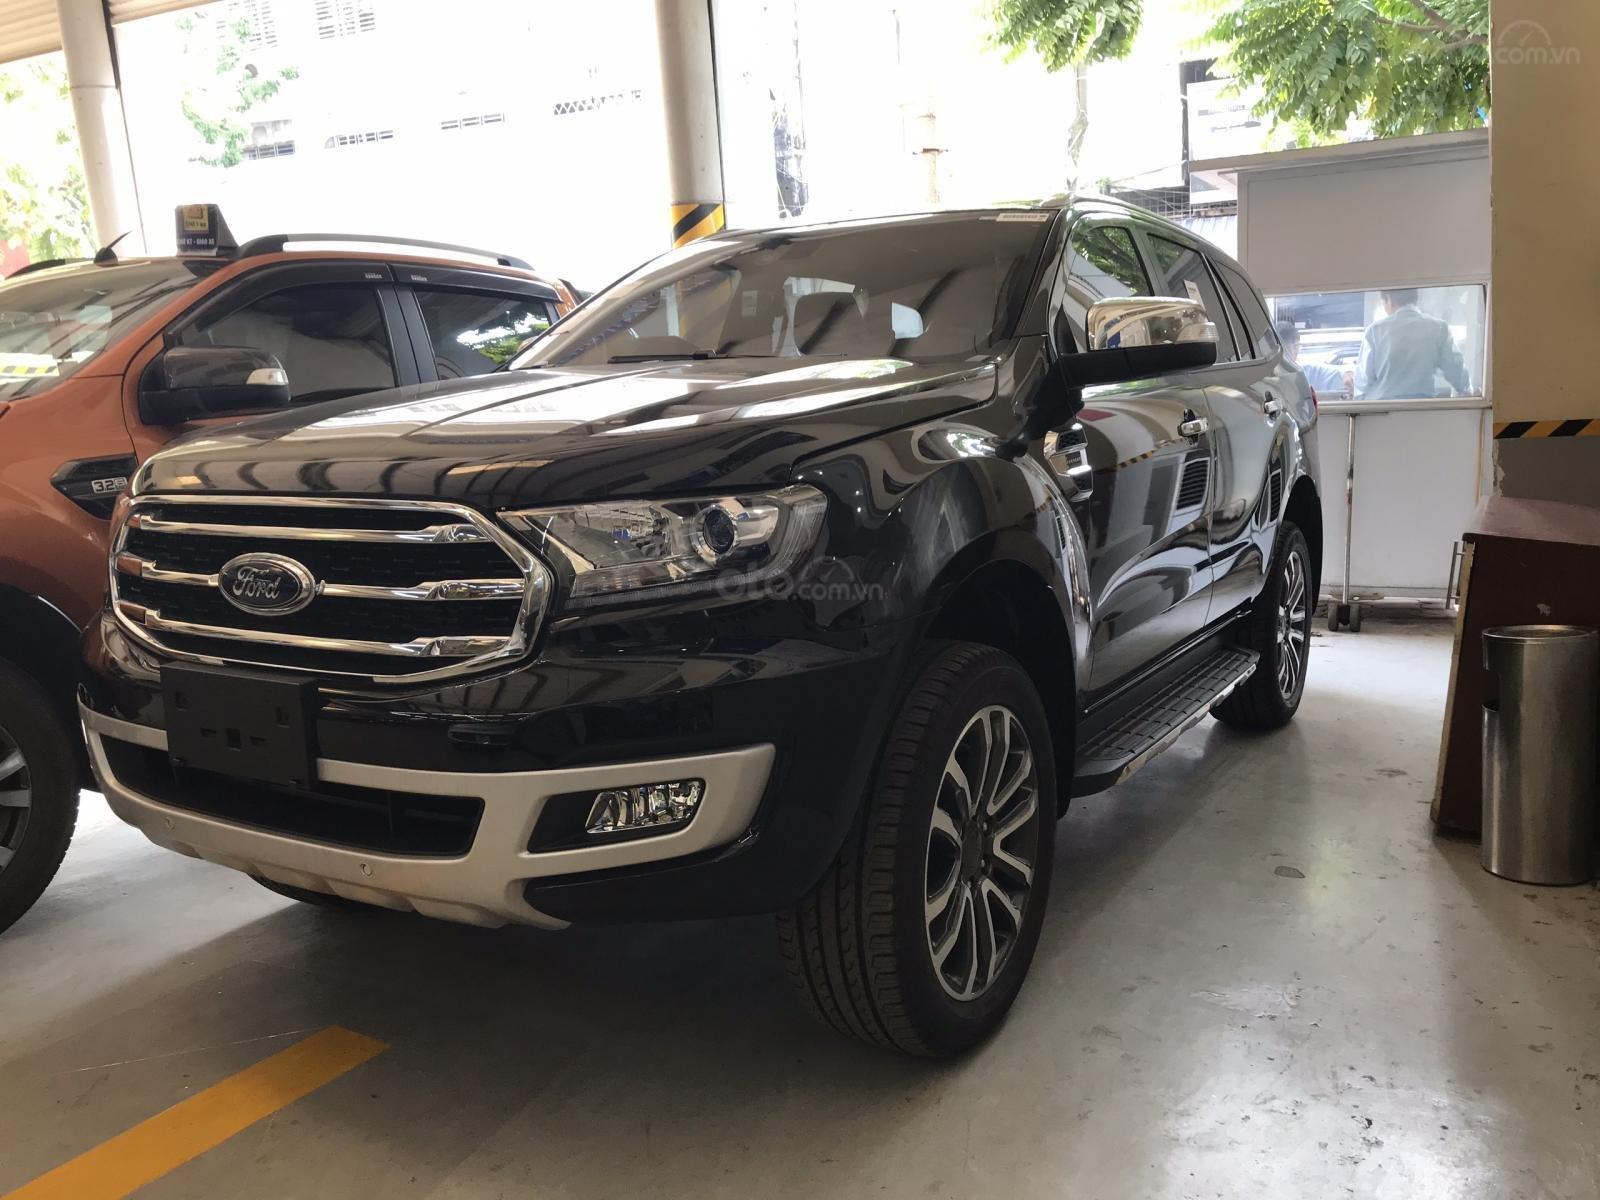 Giá xe Ford Everest 2019 tại đại lý giảm sâu - Ảnh 1.